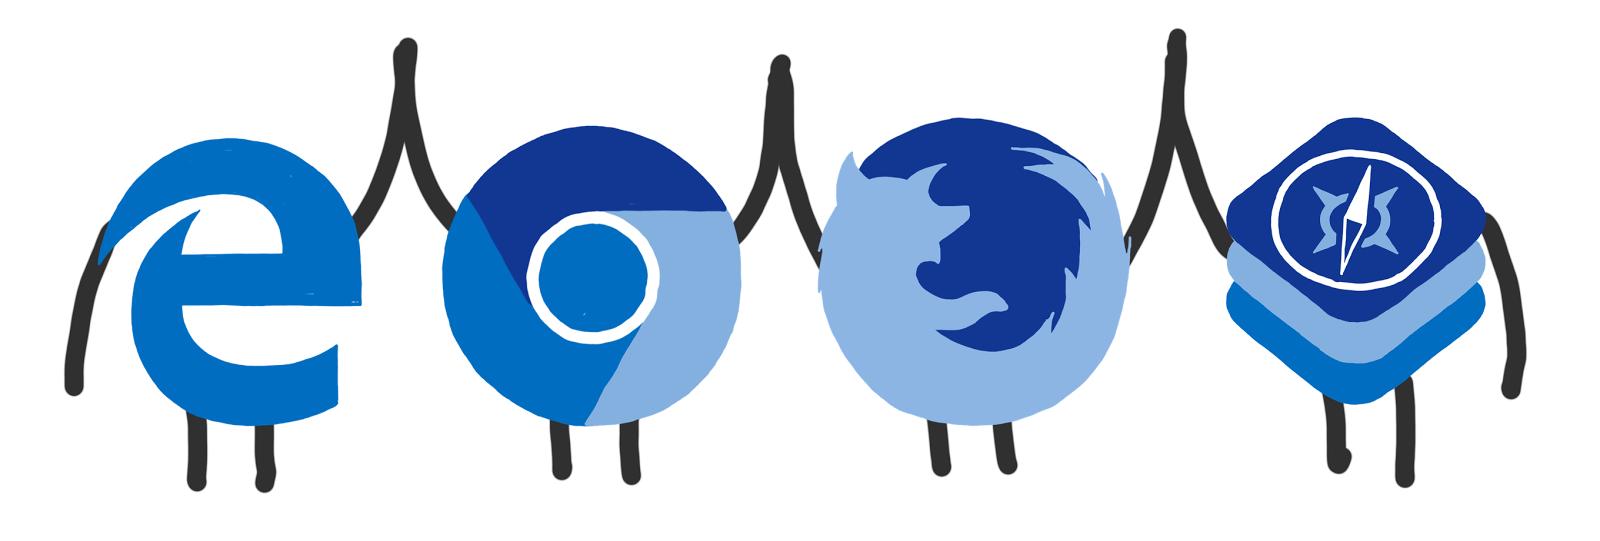 ArrayBuffer и SharedArrayBuffer в JavaScript, часть 2: знакомство с новыми объектами языка - 15